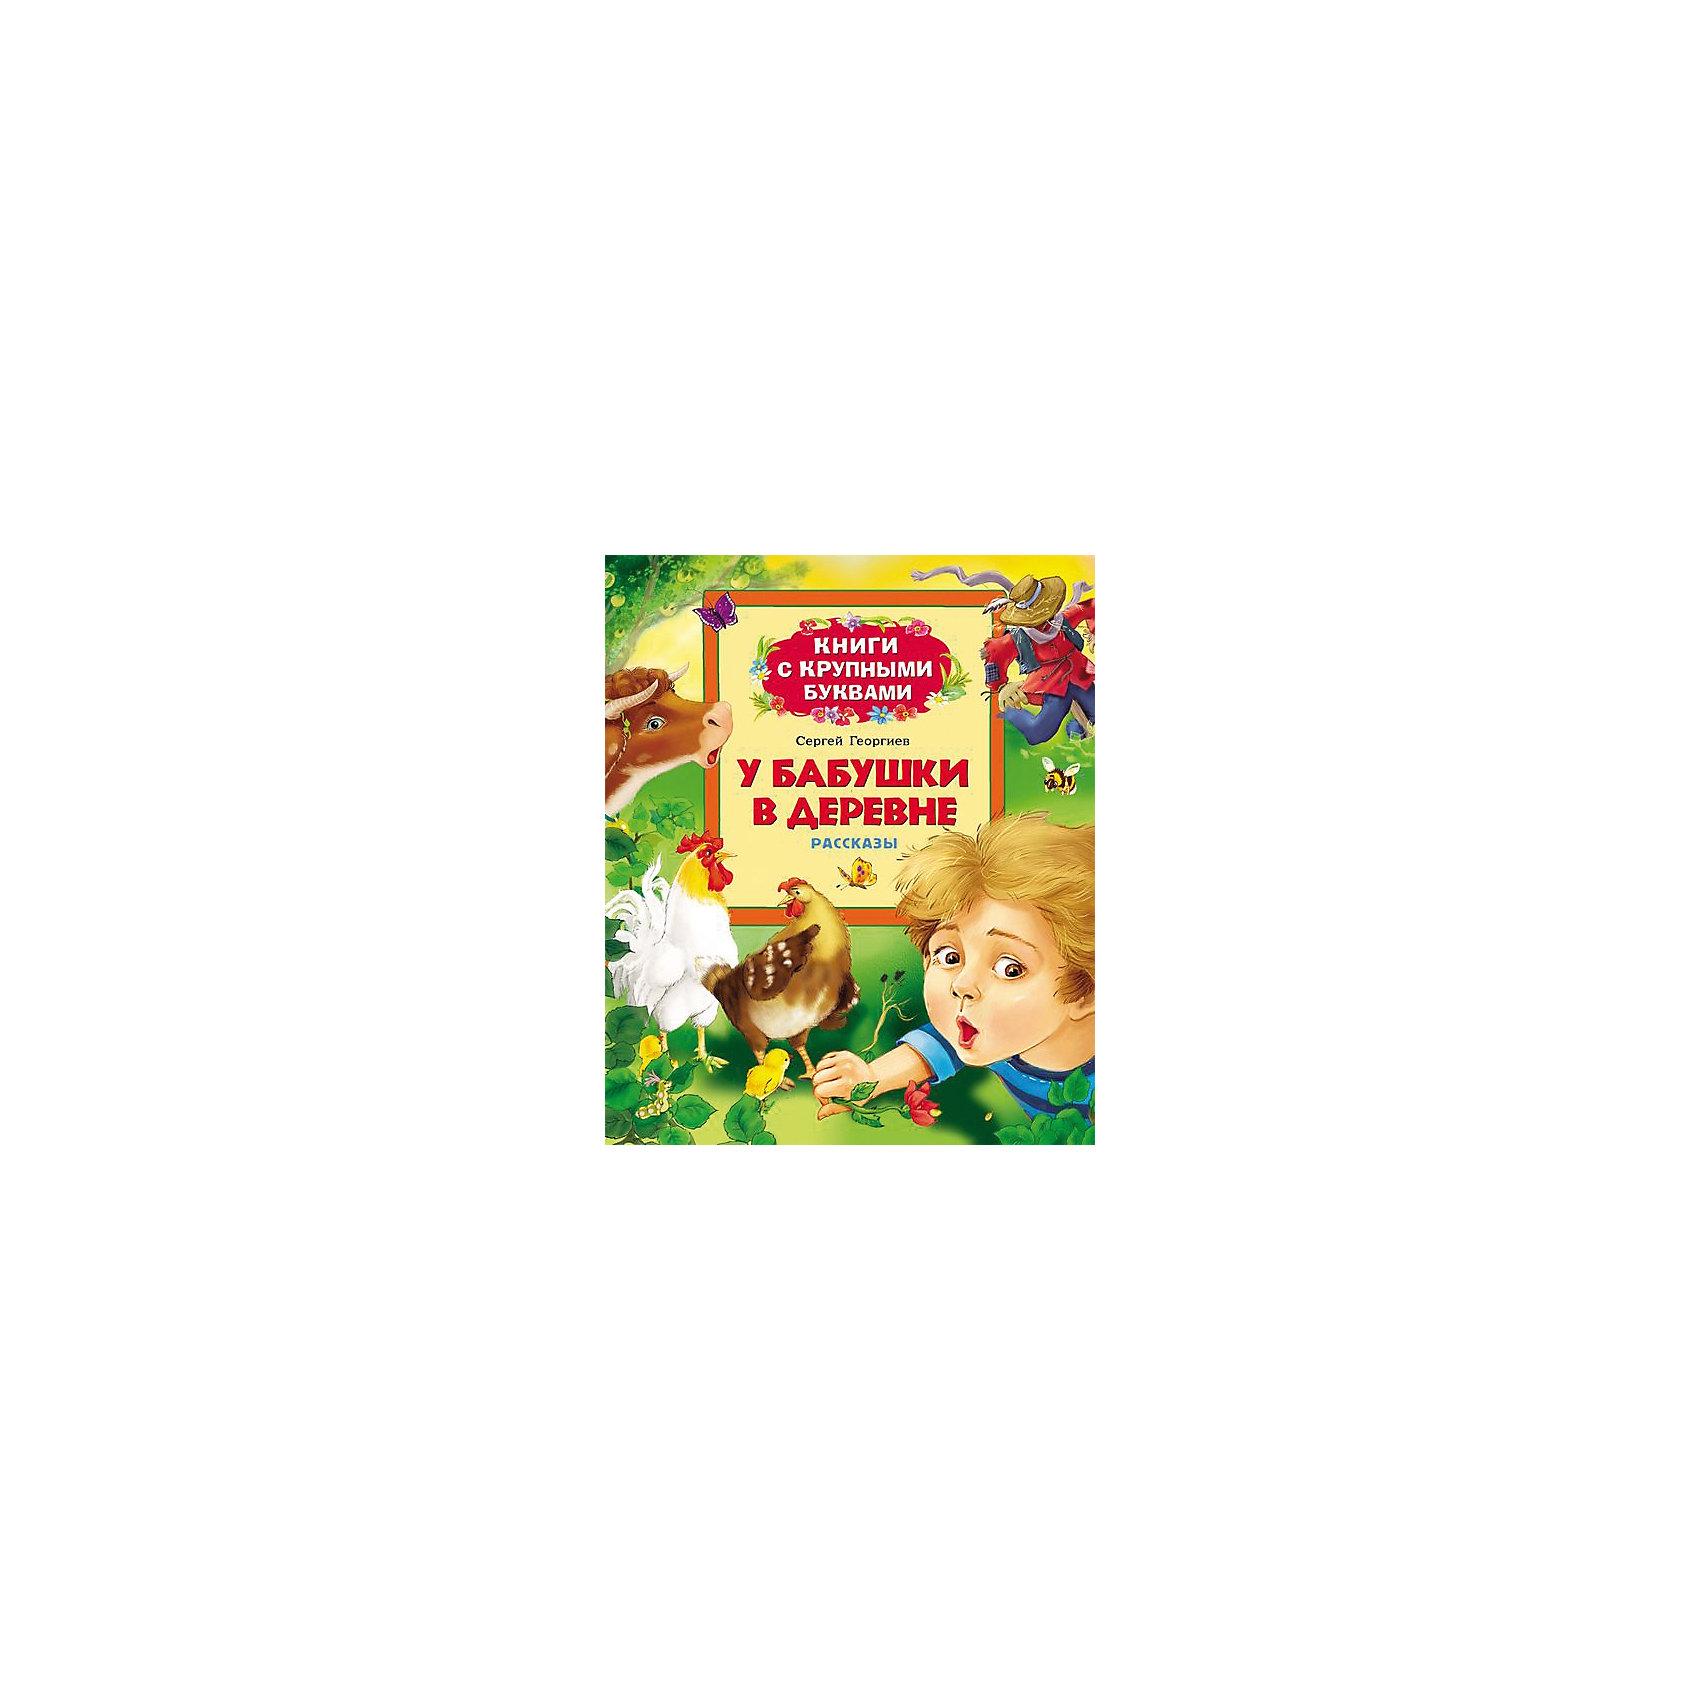 Книга У бабушки в деревне, Георгиев С.Росмэн<br>Характеристики:<br>• количество страниц: 32;<br>• автор: Сергей Георгиев;<br>• иллюстрации: цветные;<br>• переплёт: твёрдый;<br>• формат: 24х20,5х0,8 см;<br>• вес: 295 грамм;<br>• ISBN: 9785353069423.<br><br>Издание «У бабушки в деревне» расскажет читателям о мальчике Сене, гостящем у бабушки в деревне. Любопытного Сеню ждут захватывающие приключения и интересные открытия. <br><br>Рассказы сопровождаются красочными иллюстрациями.<br><br>Крупные буквы удобны для детей, которые только учатся читать.<br><br>Книгу У бабушки в деревне, Георгиев С. , Росмэн можно купить в нашем интернет-магазине.<br><br>Ширина мм: 240<br>Глубина мм: 205<br>Высота мм: 70<br>Вес г: 295<br>Возраст от месяцев: 36<br>Возраст до месяцев: 2147483647<br>Пол: Унисекс<br>Возраст: Детский<br>SKU: 5453583